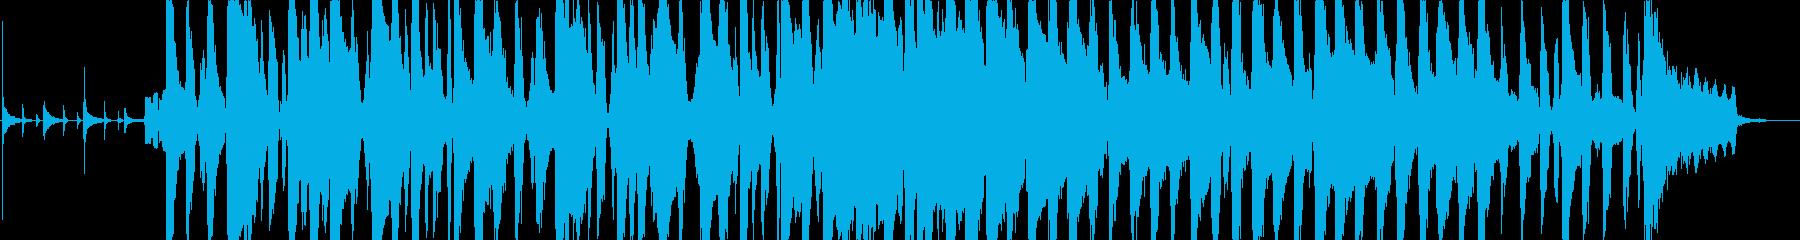 ほのぼのとした日常インストの再生済みの波形